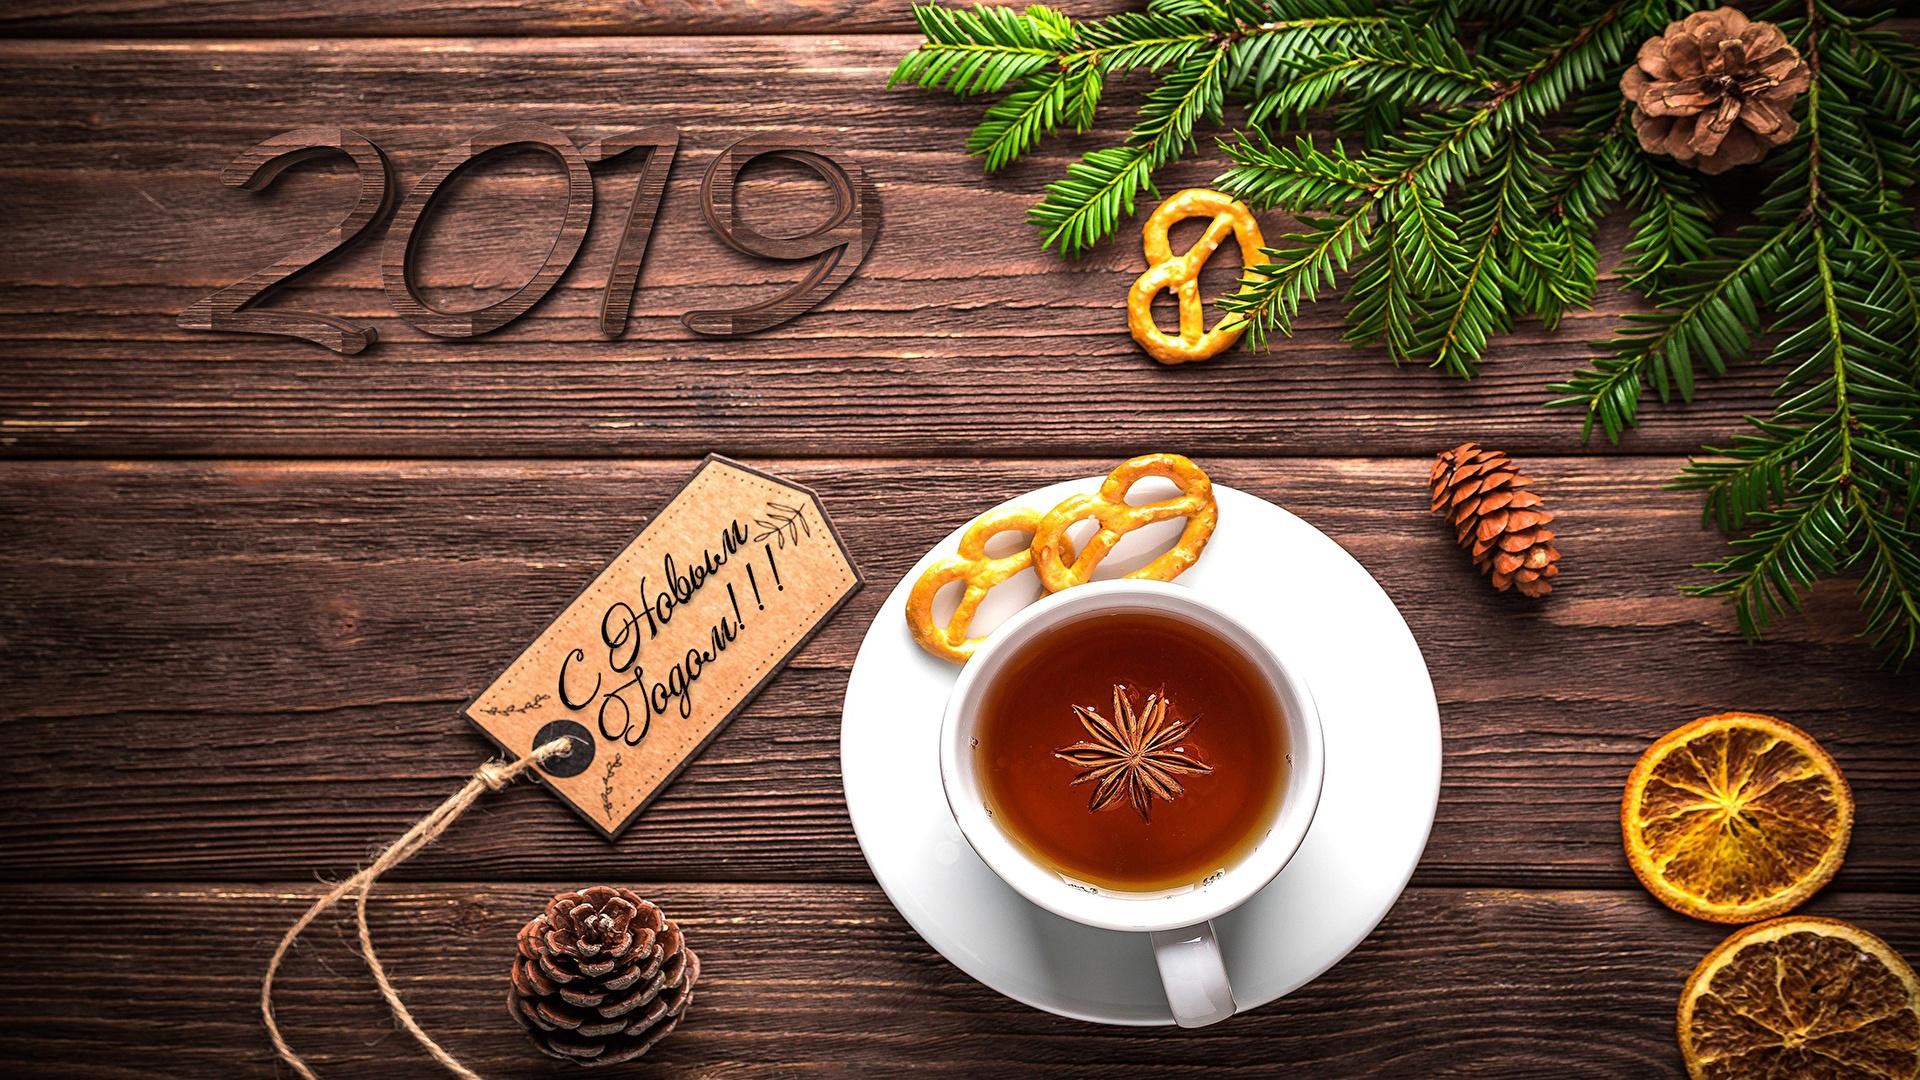 Фото 2019 Рождество Русские Чай Бадьян звезда аниса Лимоны Пища чашке Шишки на ветке Доски 1920x1080 Новый год российские Еда Чашка ветвь шишка Ветки ветка Продукты питания